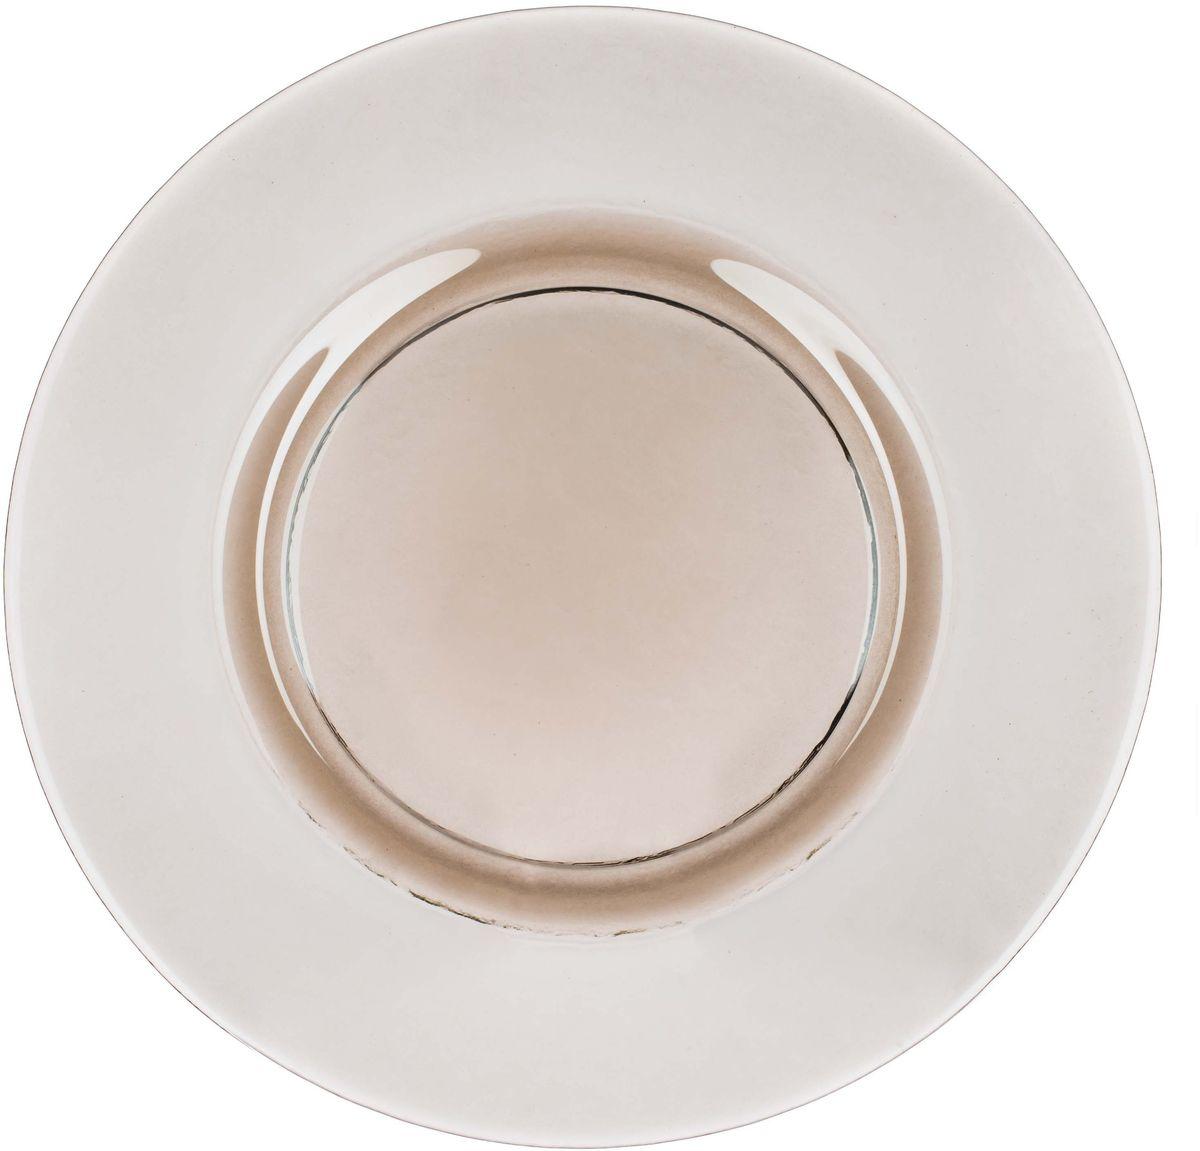 Тарелка Elff Decor Оливия, цвет: оливковый, прозрачный, диаметр 32,5 см2300-979Тарелка прозрачнаяиз стекла, дополнит повседневную или праздничную сервировкустола.